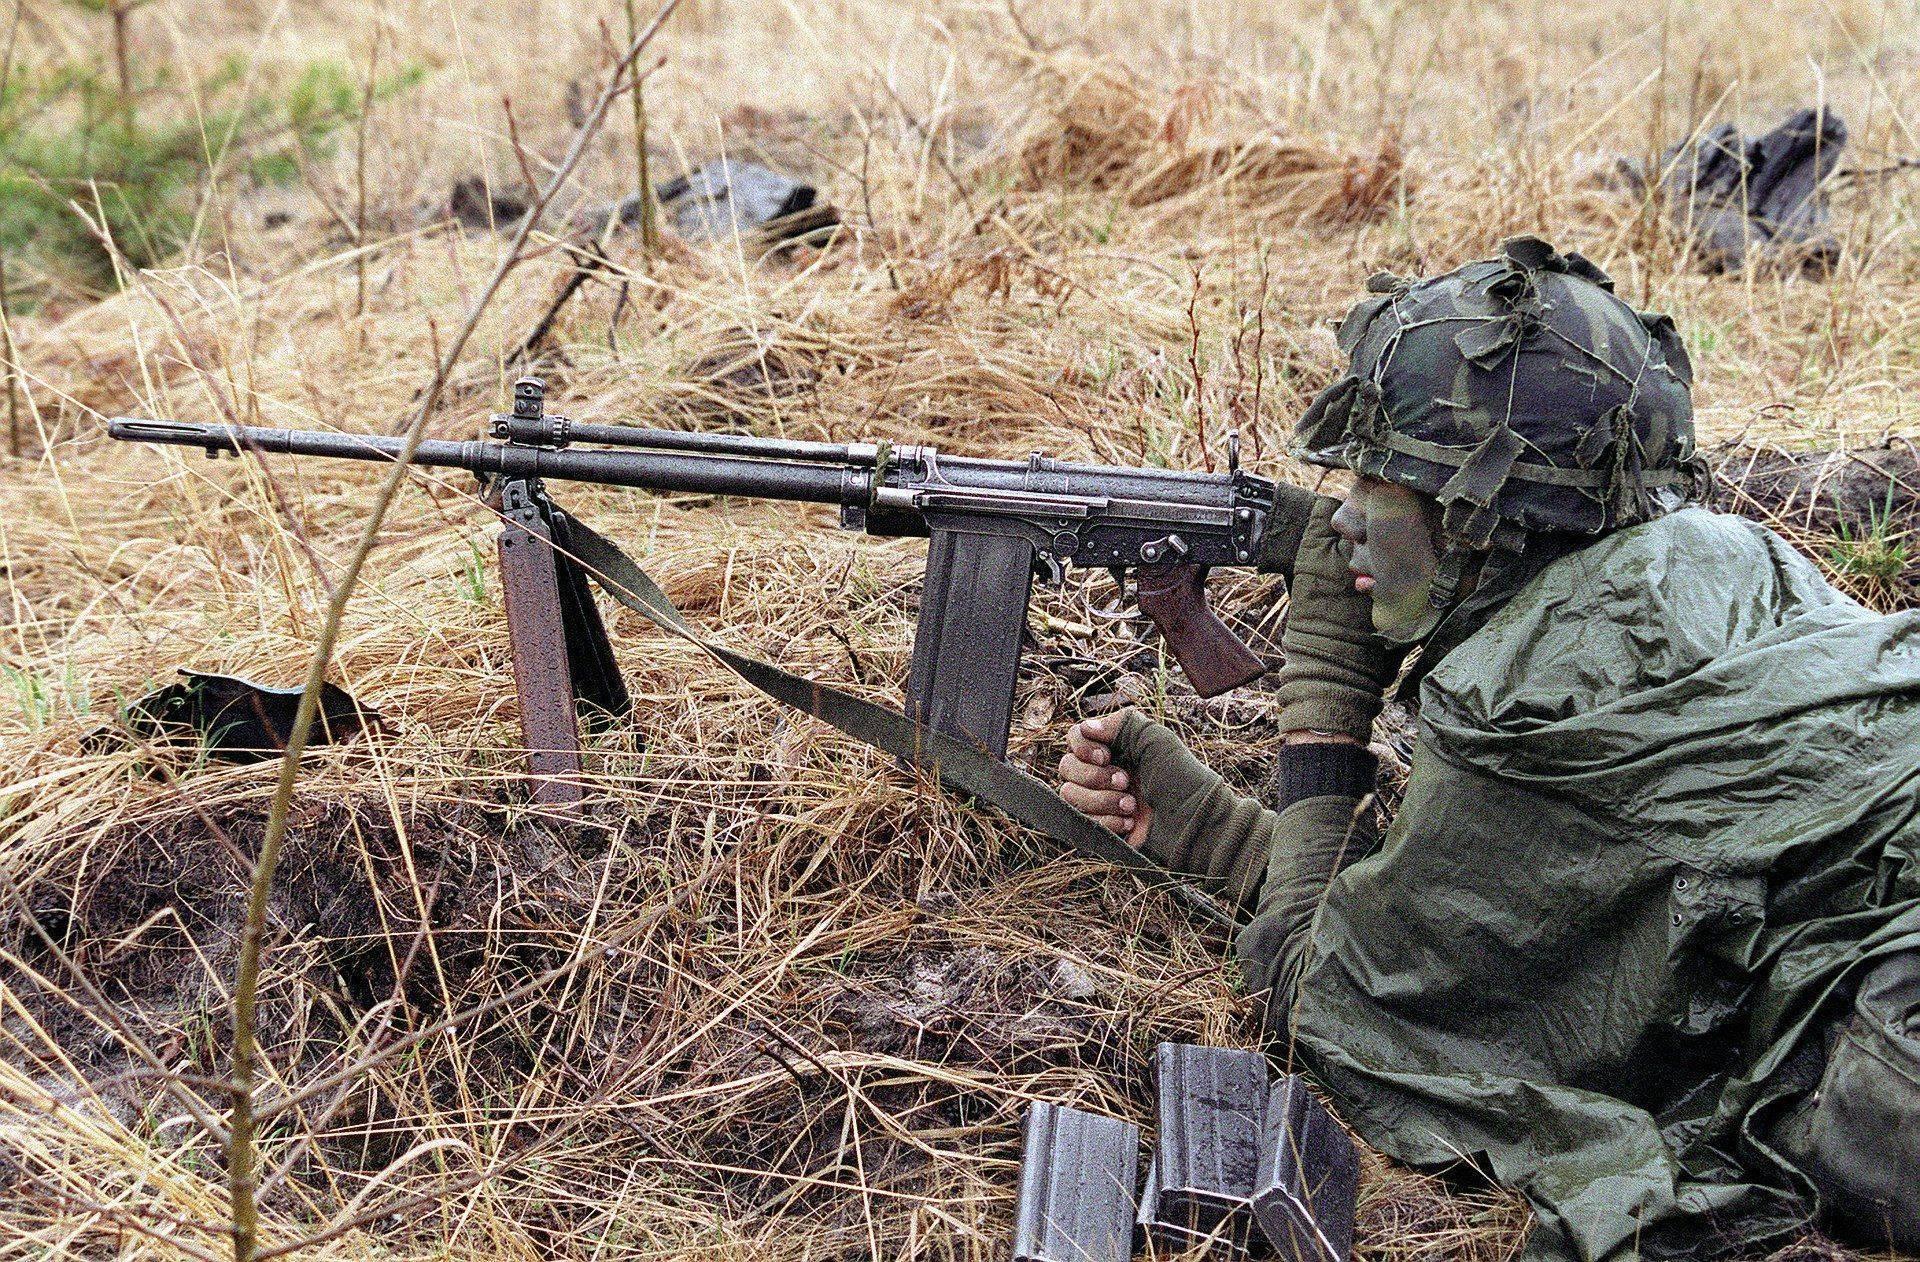 Винтовки fn fal и fn scar – одни из самых популярных современных боевых винтовок